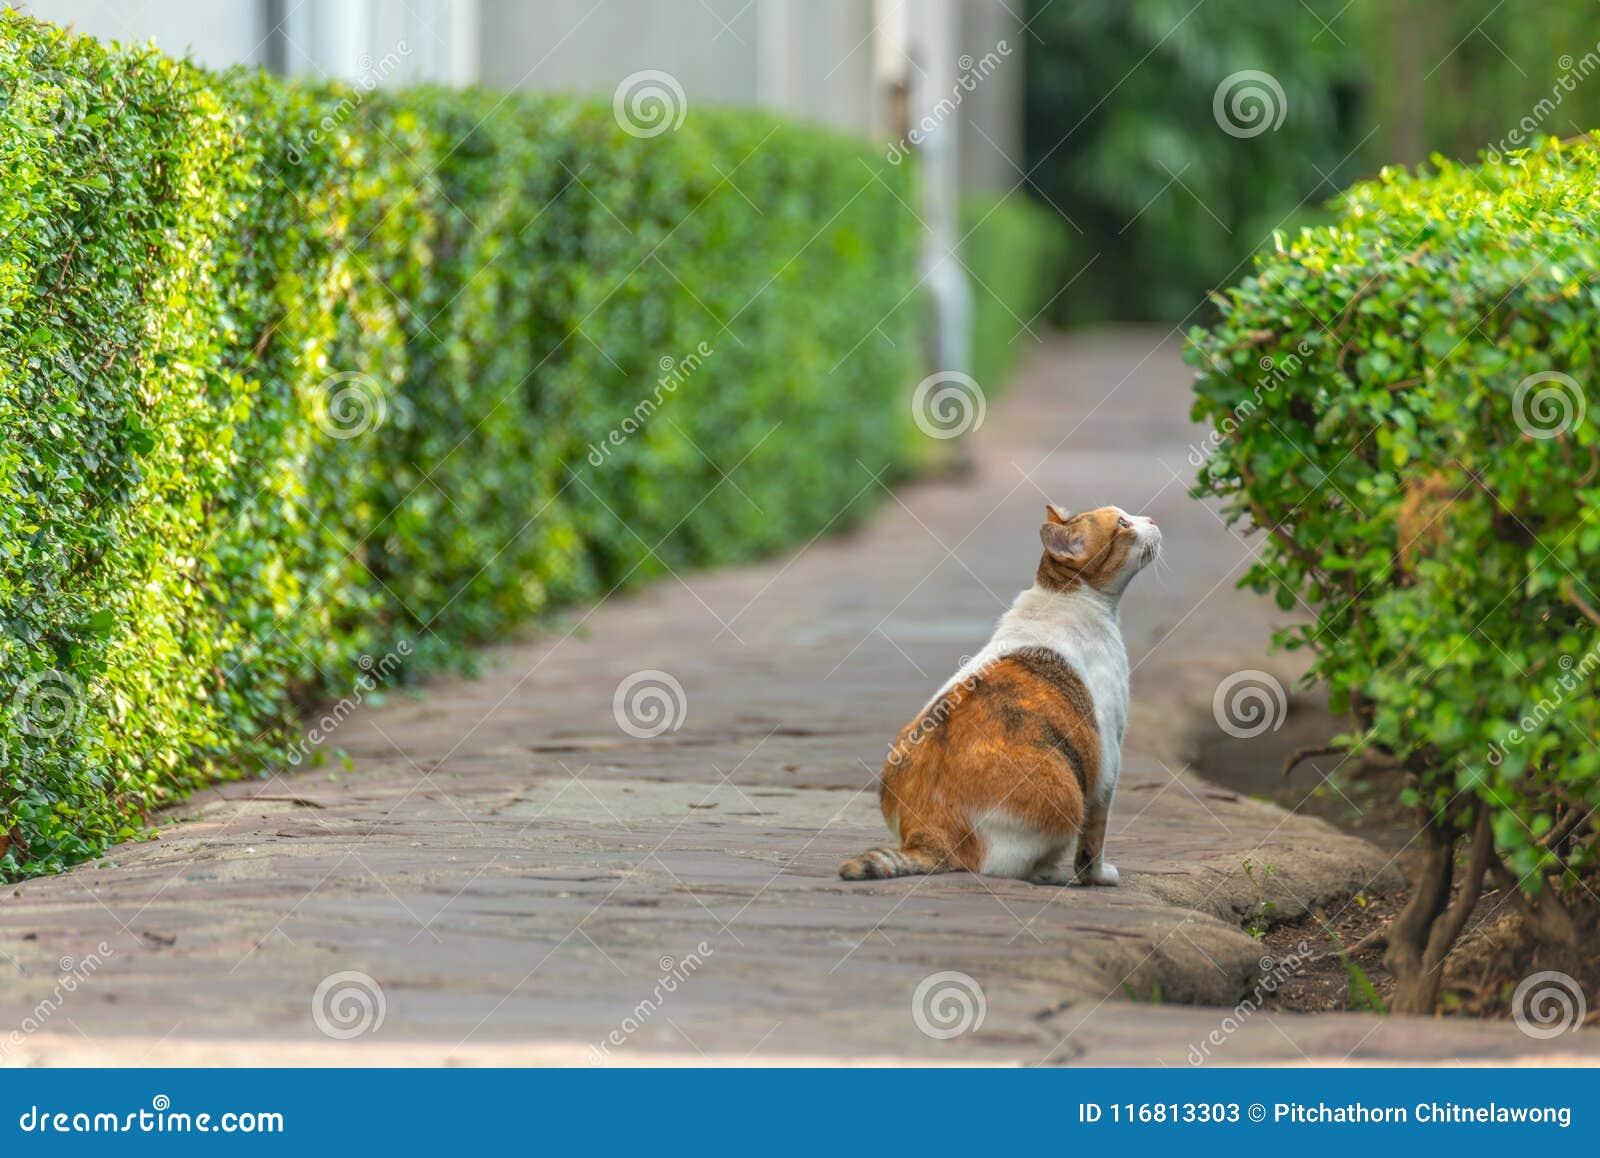 Il gatto marrone bianco si siede sullo sguardo al suolo al piccolo albero verde in giardino